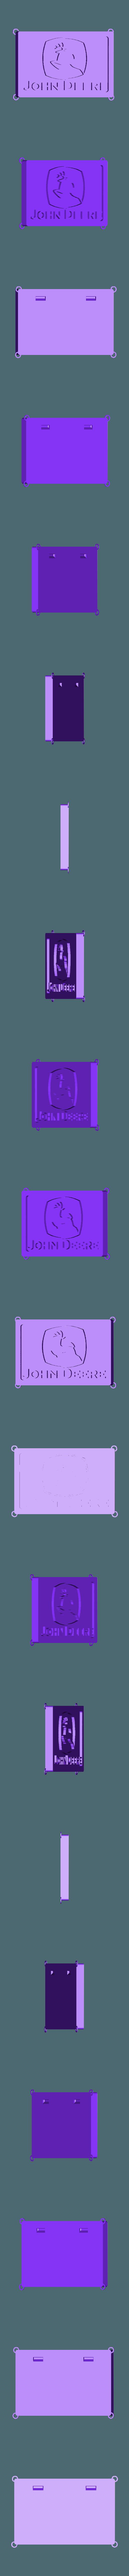 JDLogoWithRings.stl Télécharger fichier STL gratuit Cintre mural avec plaque au logo de John Deere • Modèle pour imprimante 3D, 3DWP